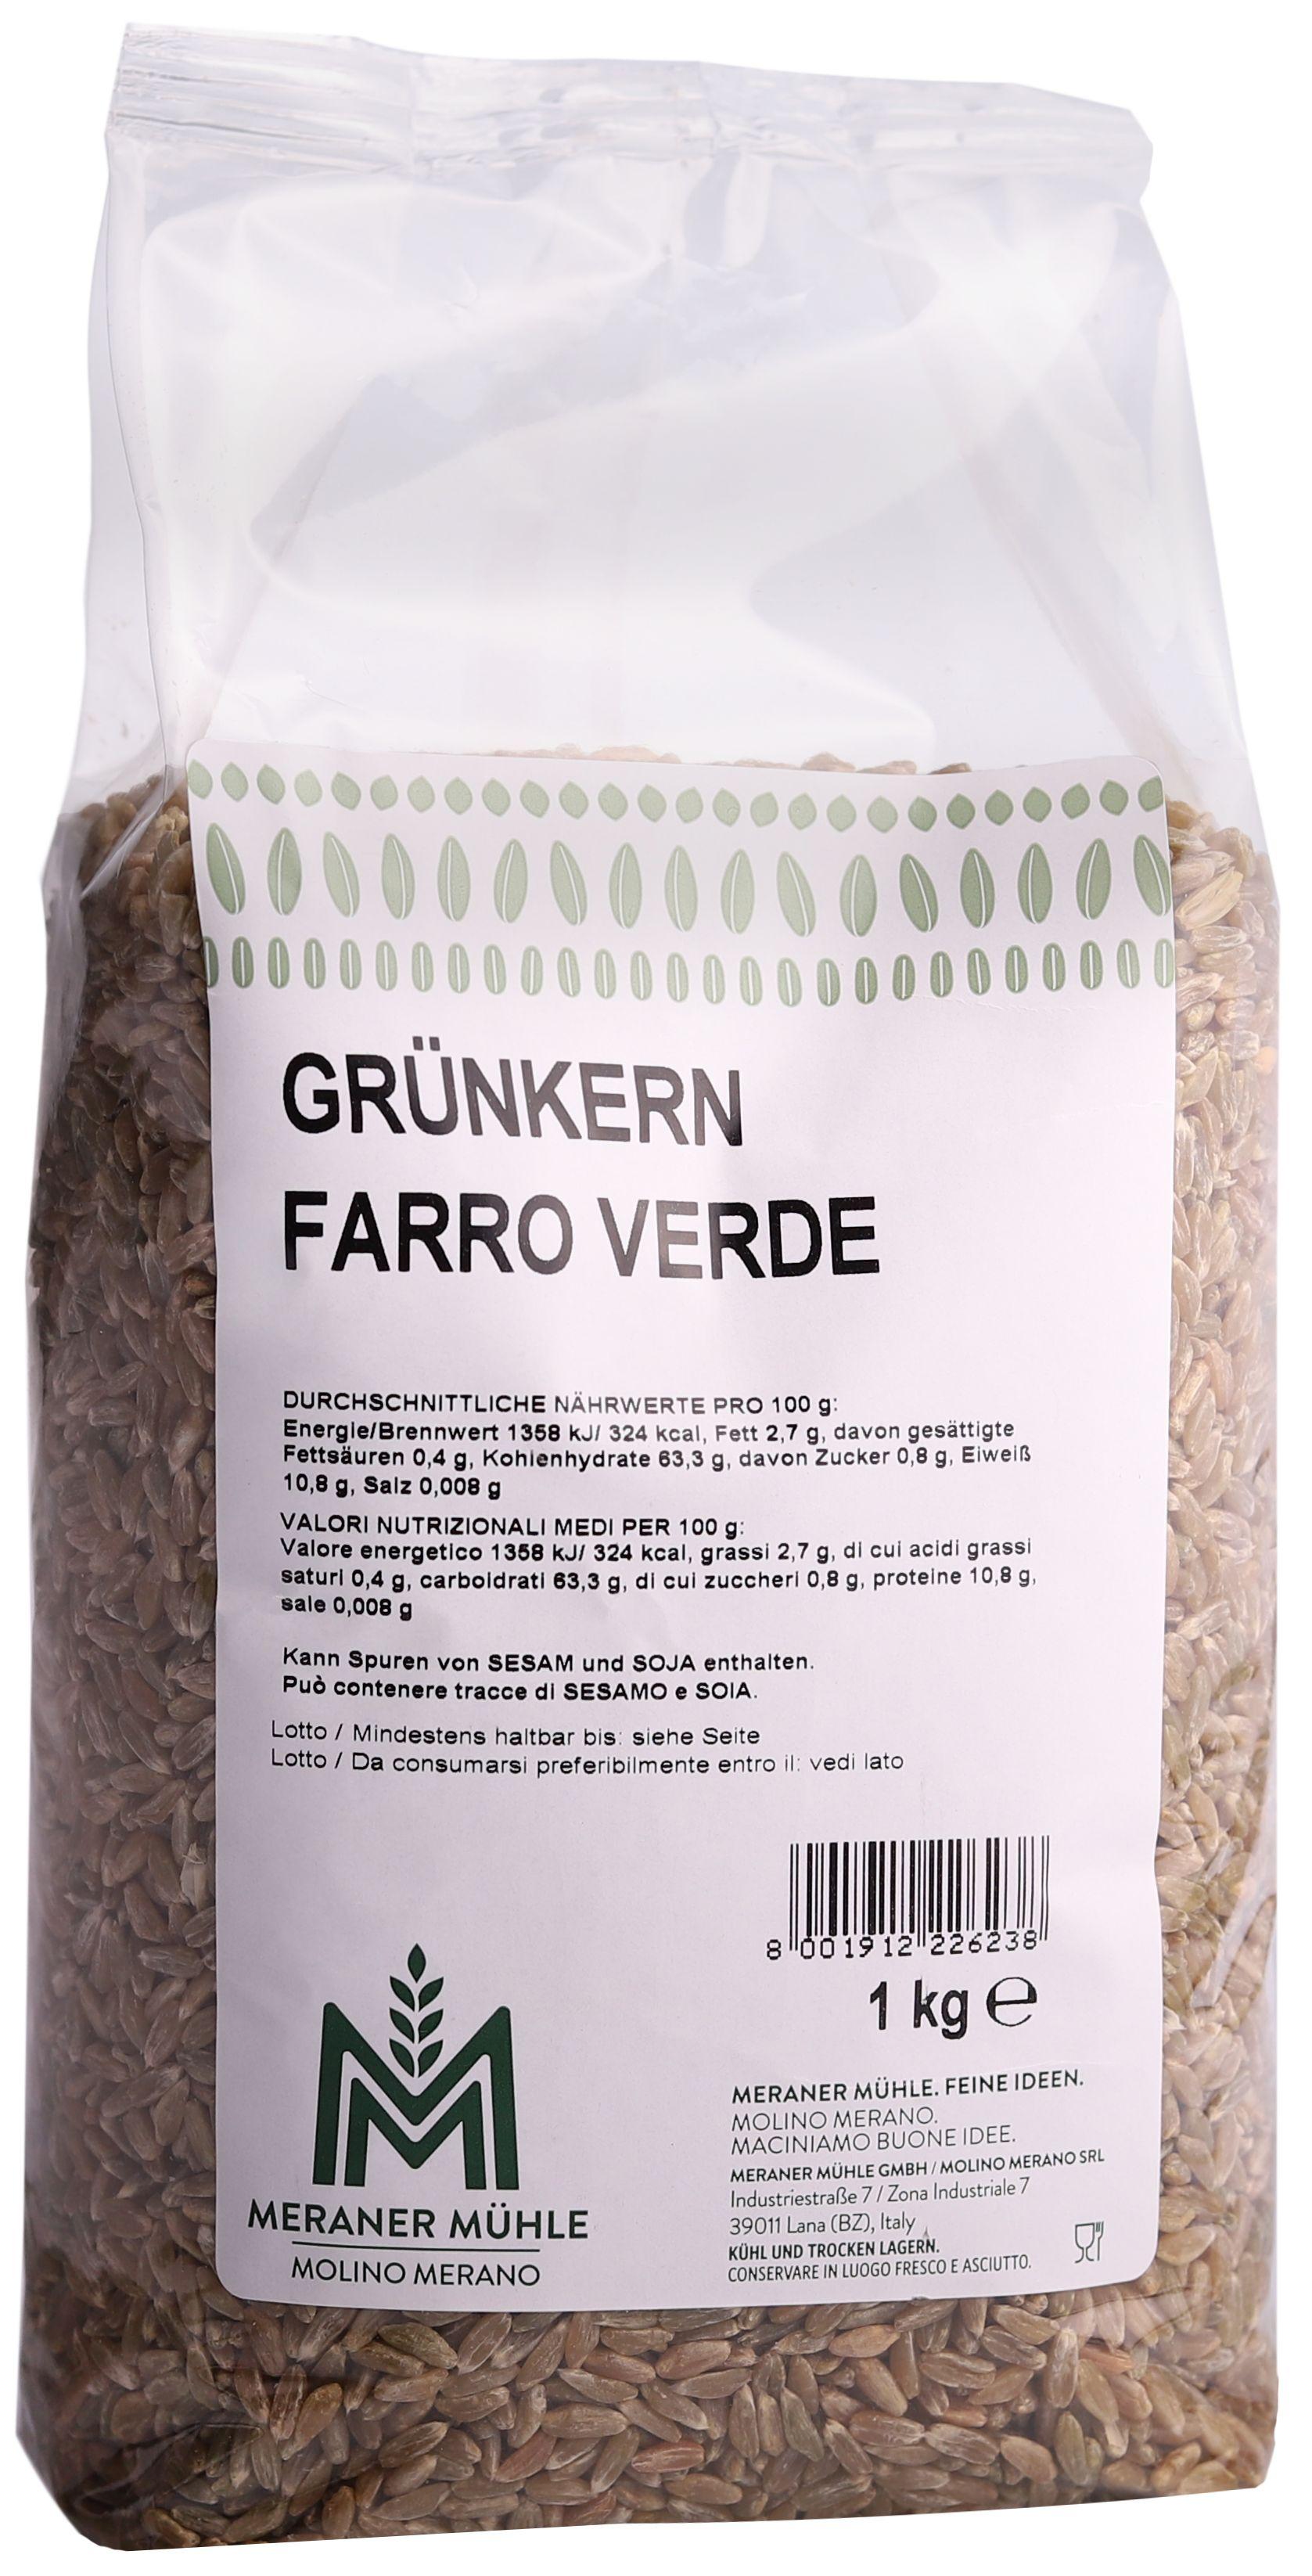 Unripe spelt grain